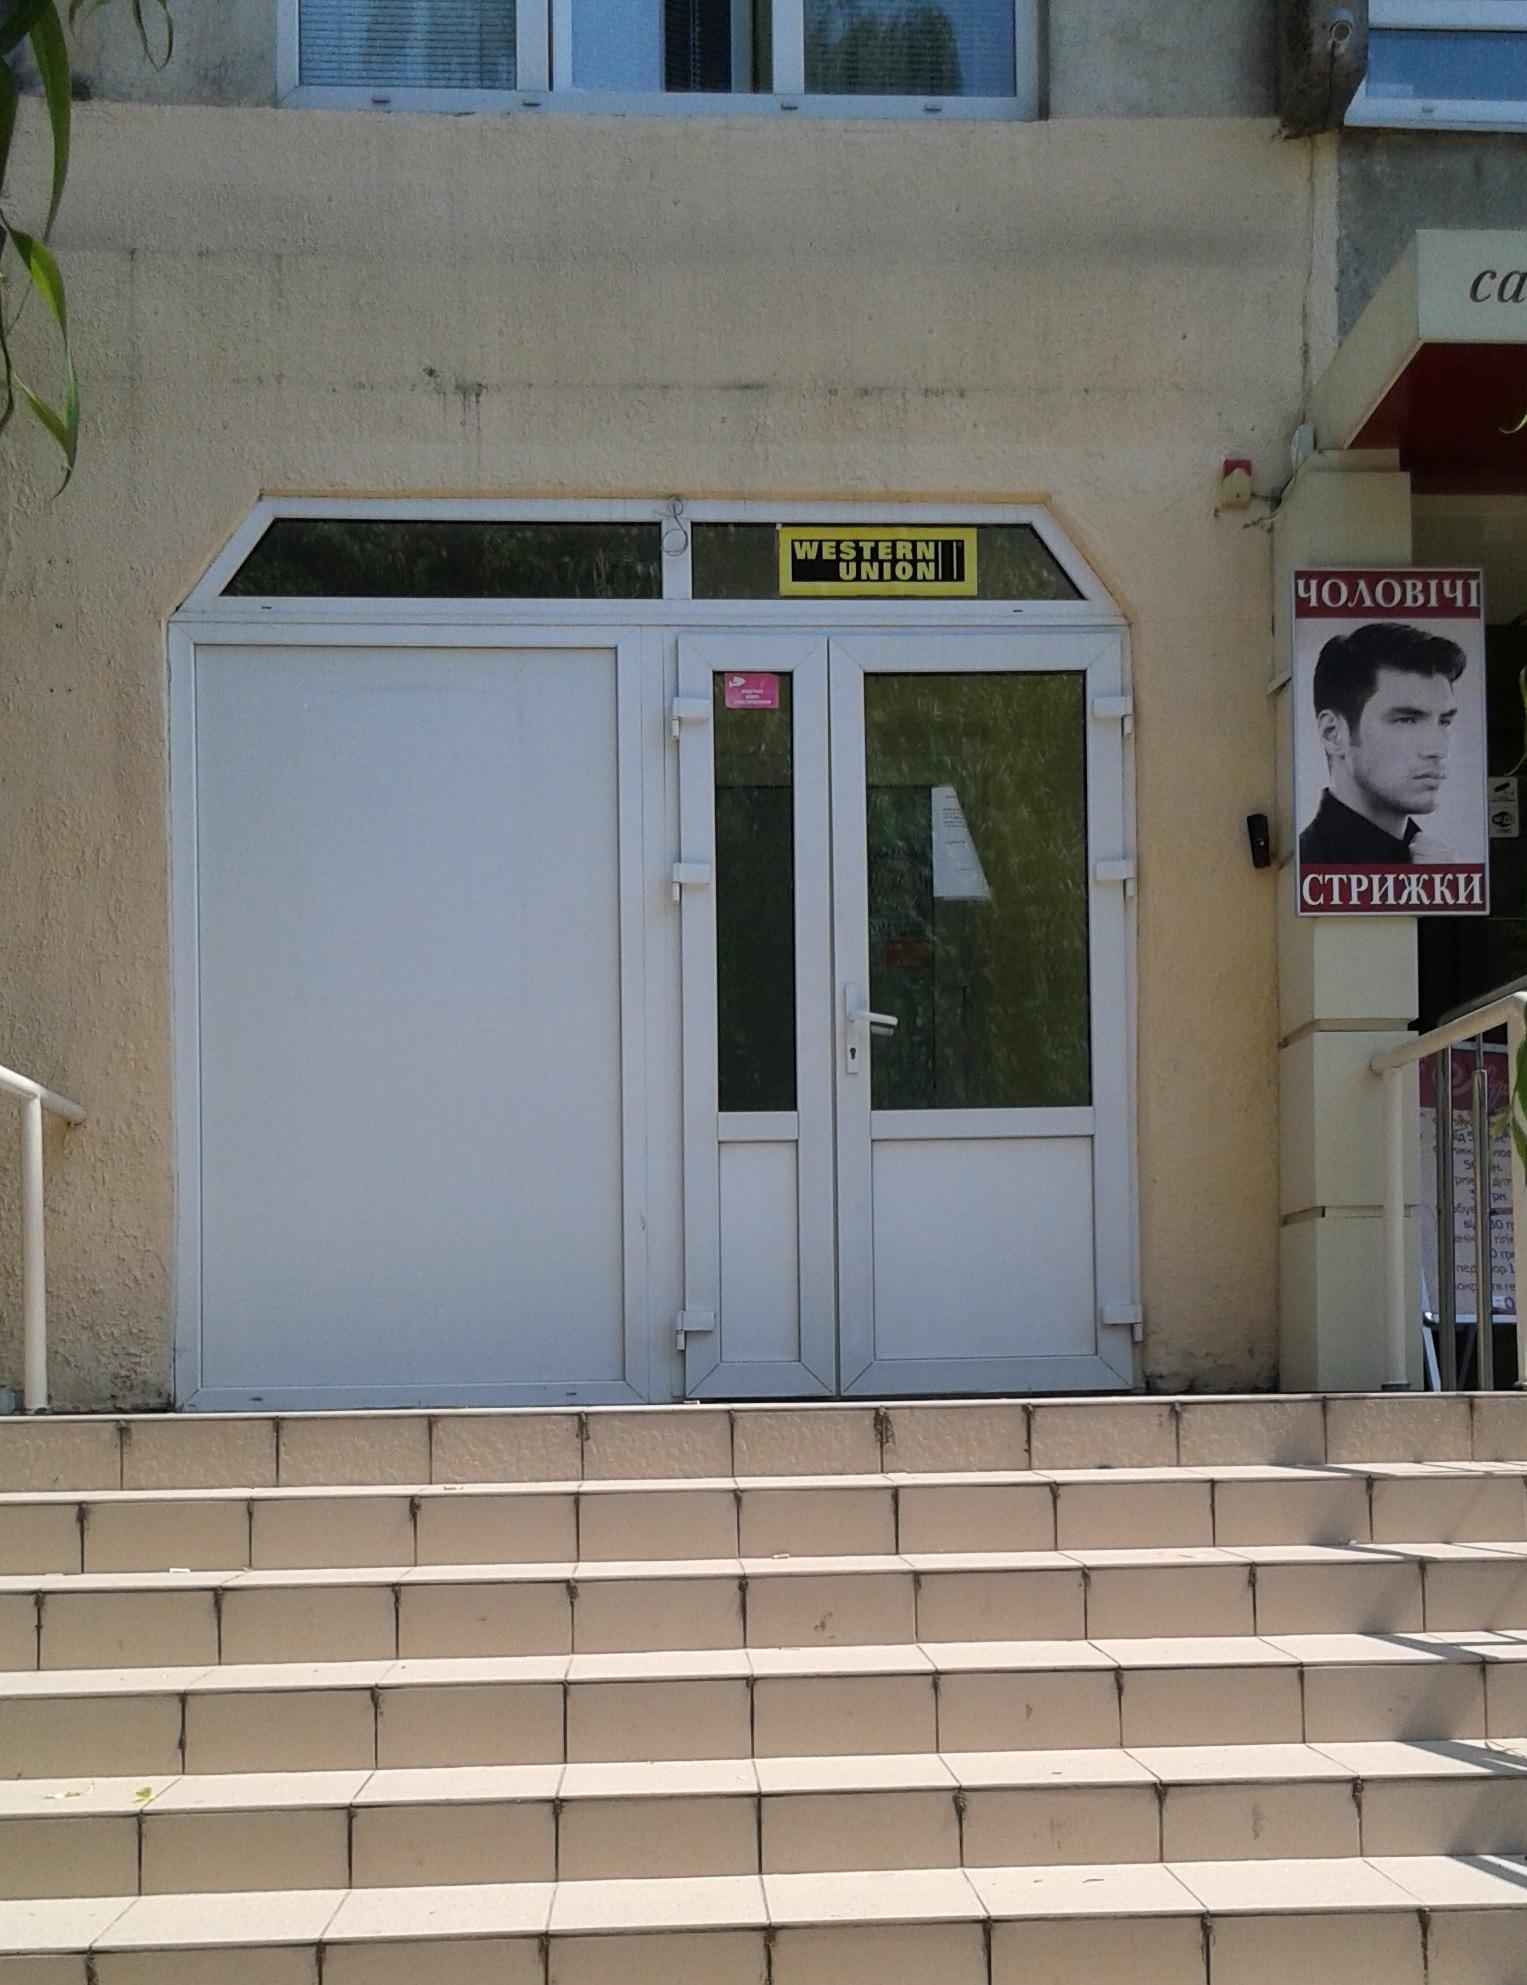 Нежитлове приміщення (відділення банку) загальною площею 59,0 кв.м., розташоване за адресою: м. Львів, вул. Кавалерідзе І.